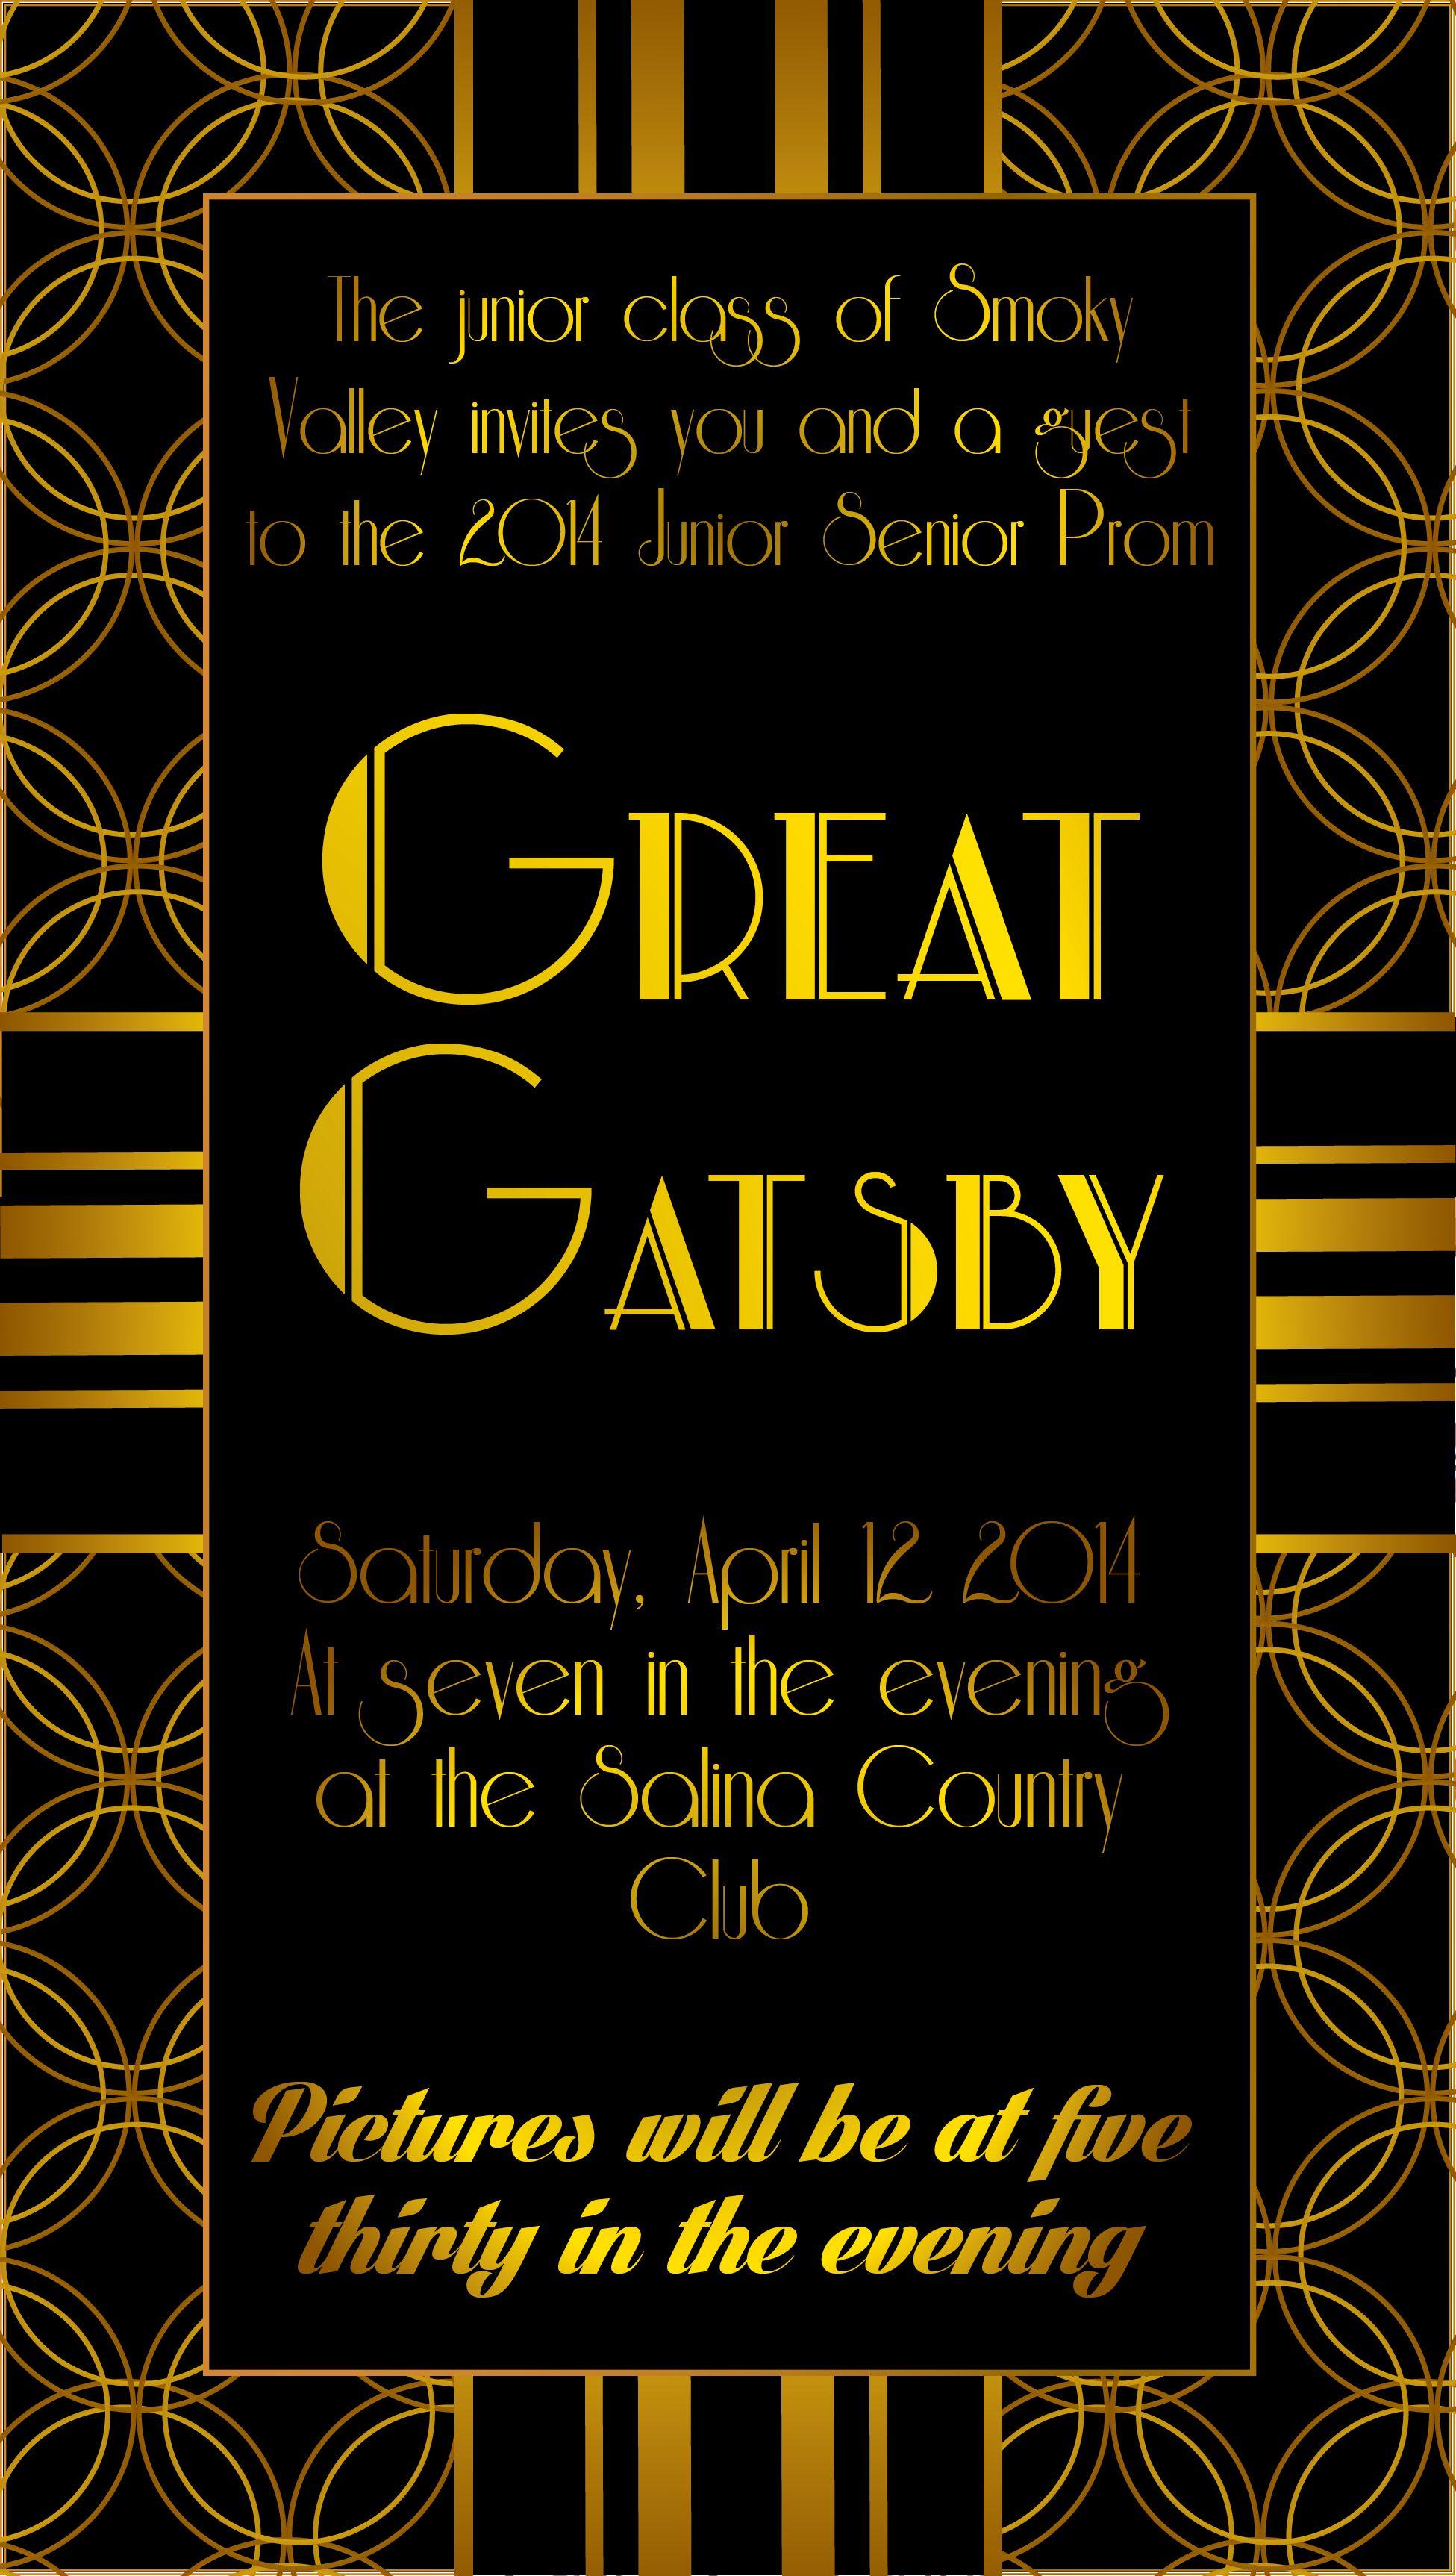 Great Gatsby Prom Invitation Yaaaay Gatsby Prom Gatsby Wedding Invitations Great Gatsby Prom